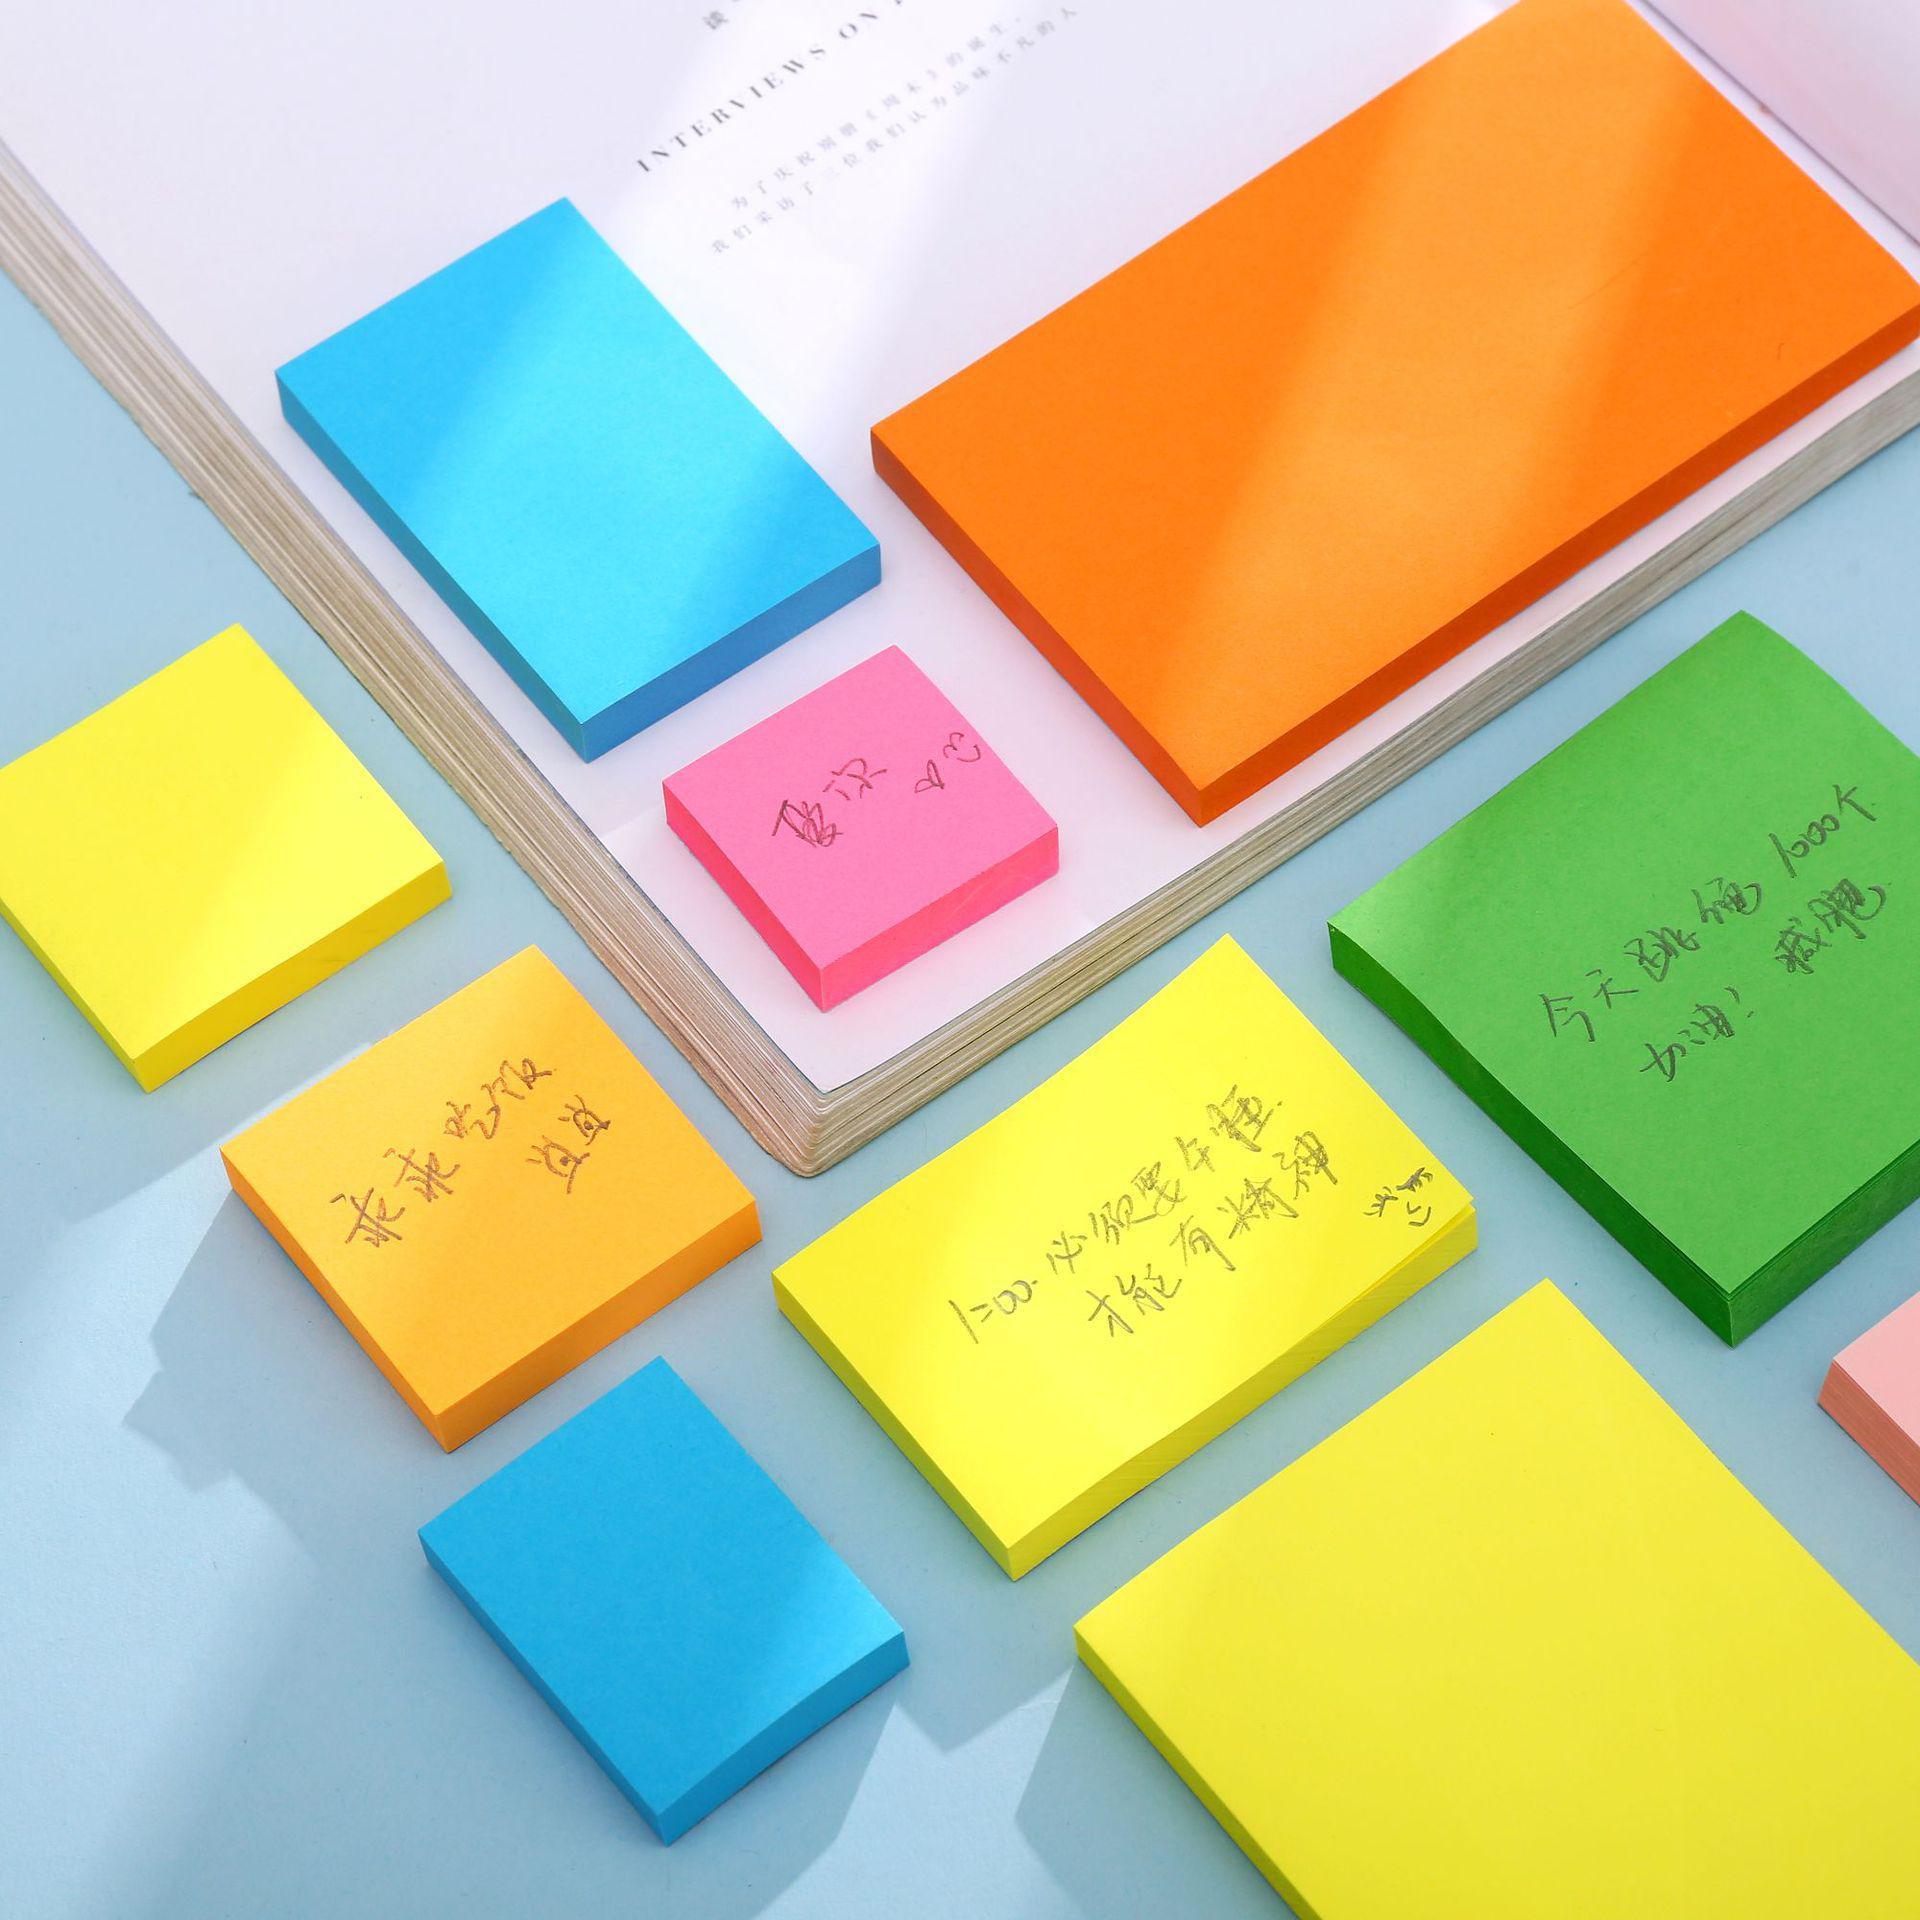 100 Yaprak Not Kağıt Serisi Basit Katı Renk Kawaii Dergisi Kağıt Memo Ped Kendinden Yapışkanlı Okul Ofis Kırtasiye Not BWF3153